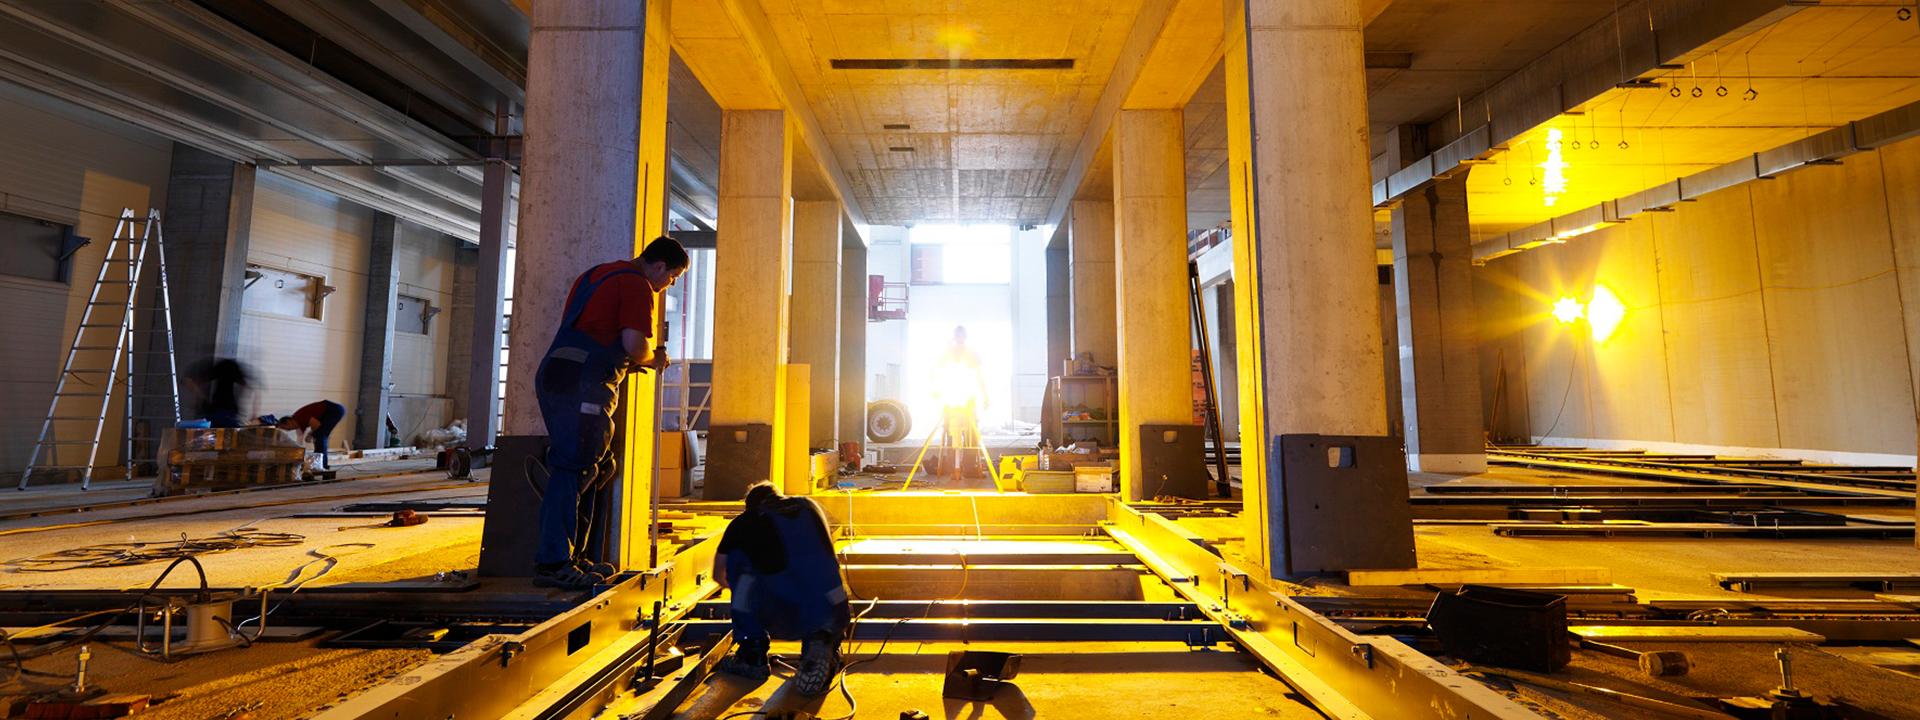 Baustelle des Neubaus einer neuen Zeitungsdruckerei für das Mittelbayerische Druckzentrum